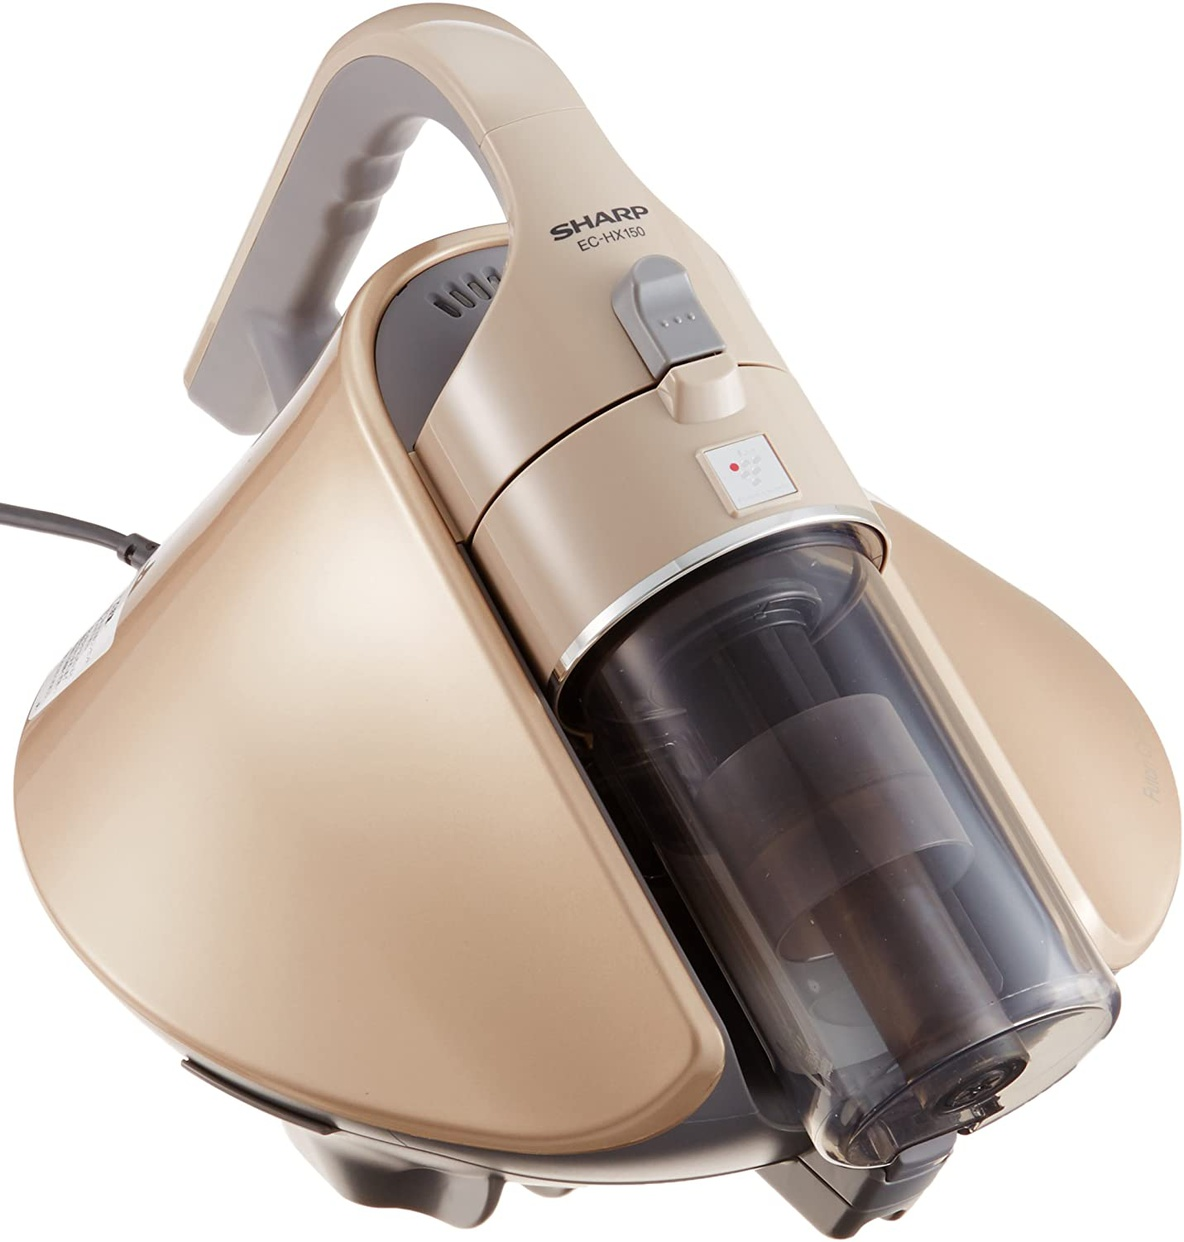 SHARP(シャープ) サイクロンふとん掃除機 Cornet コロネ EC-HX150の商品画像